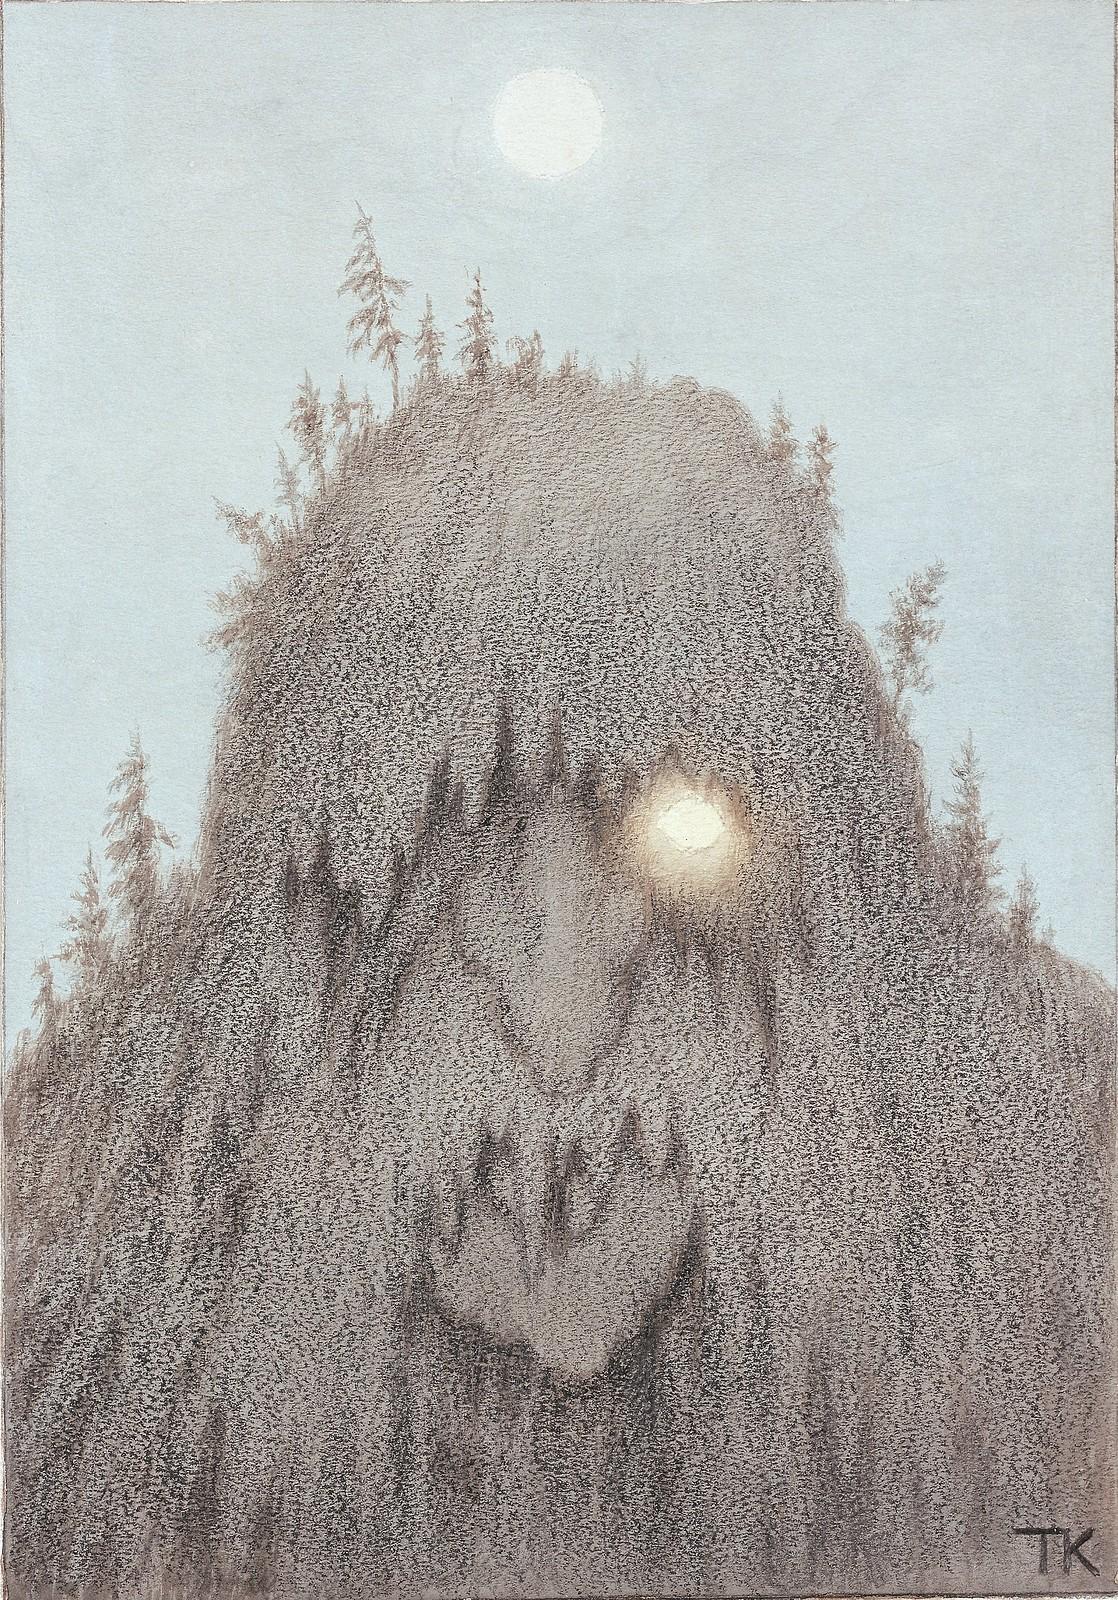 Theodor Kittelsen - Forest Troll, 1906